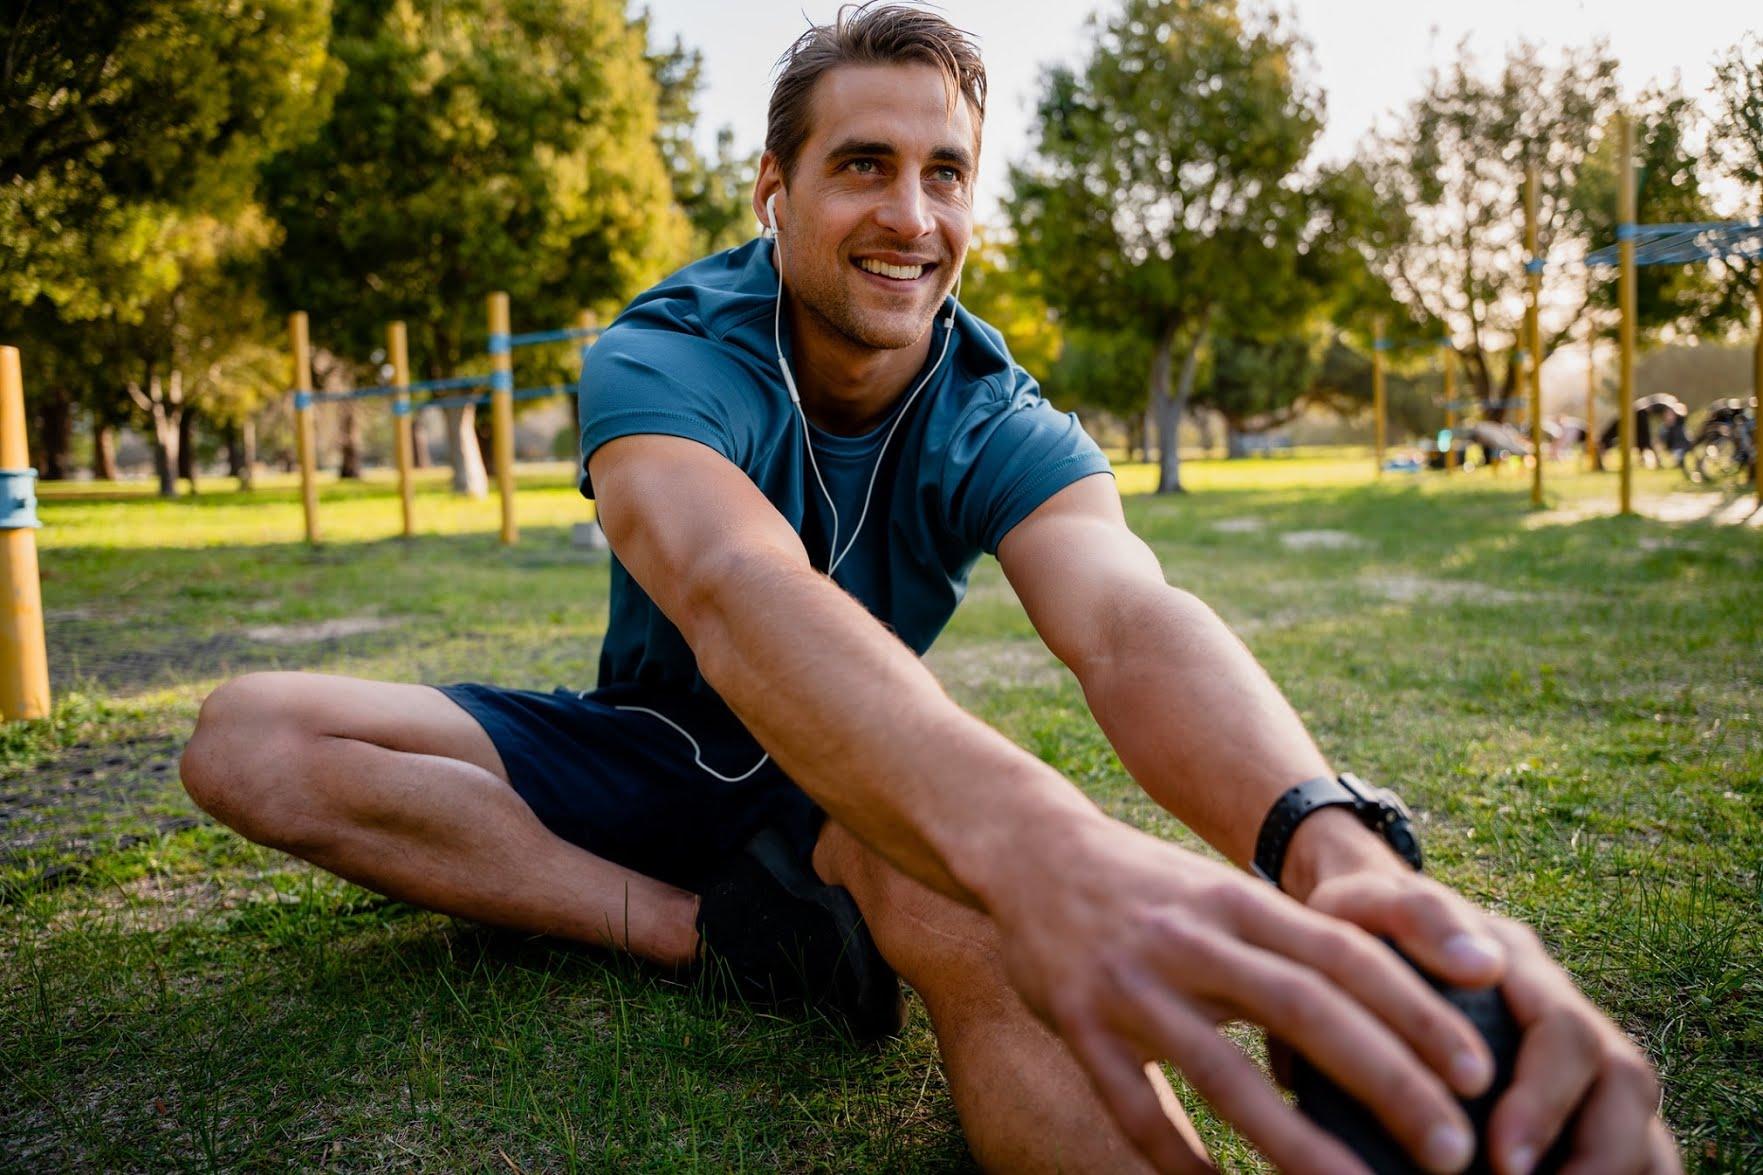 L'utilité de s'étirer avant ou après une séance de sport